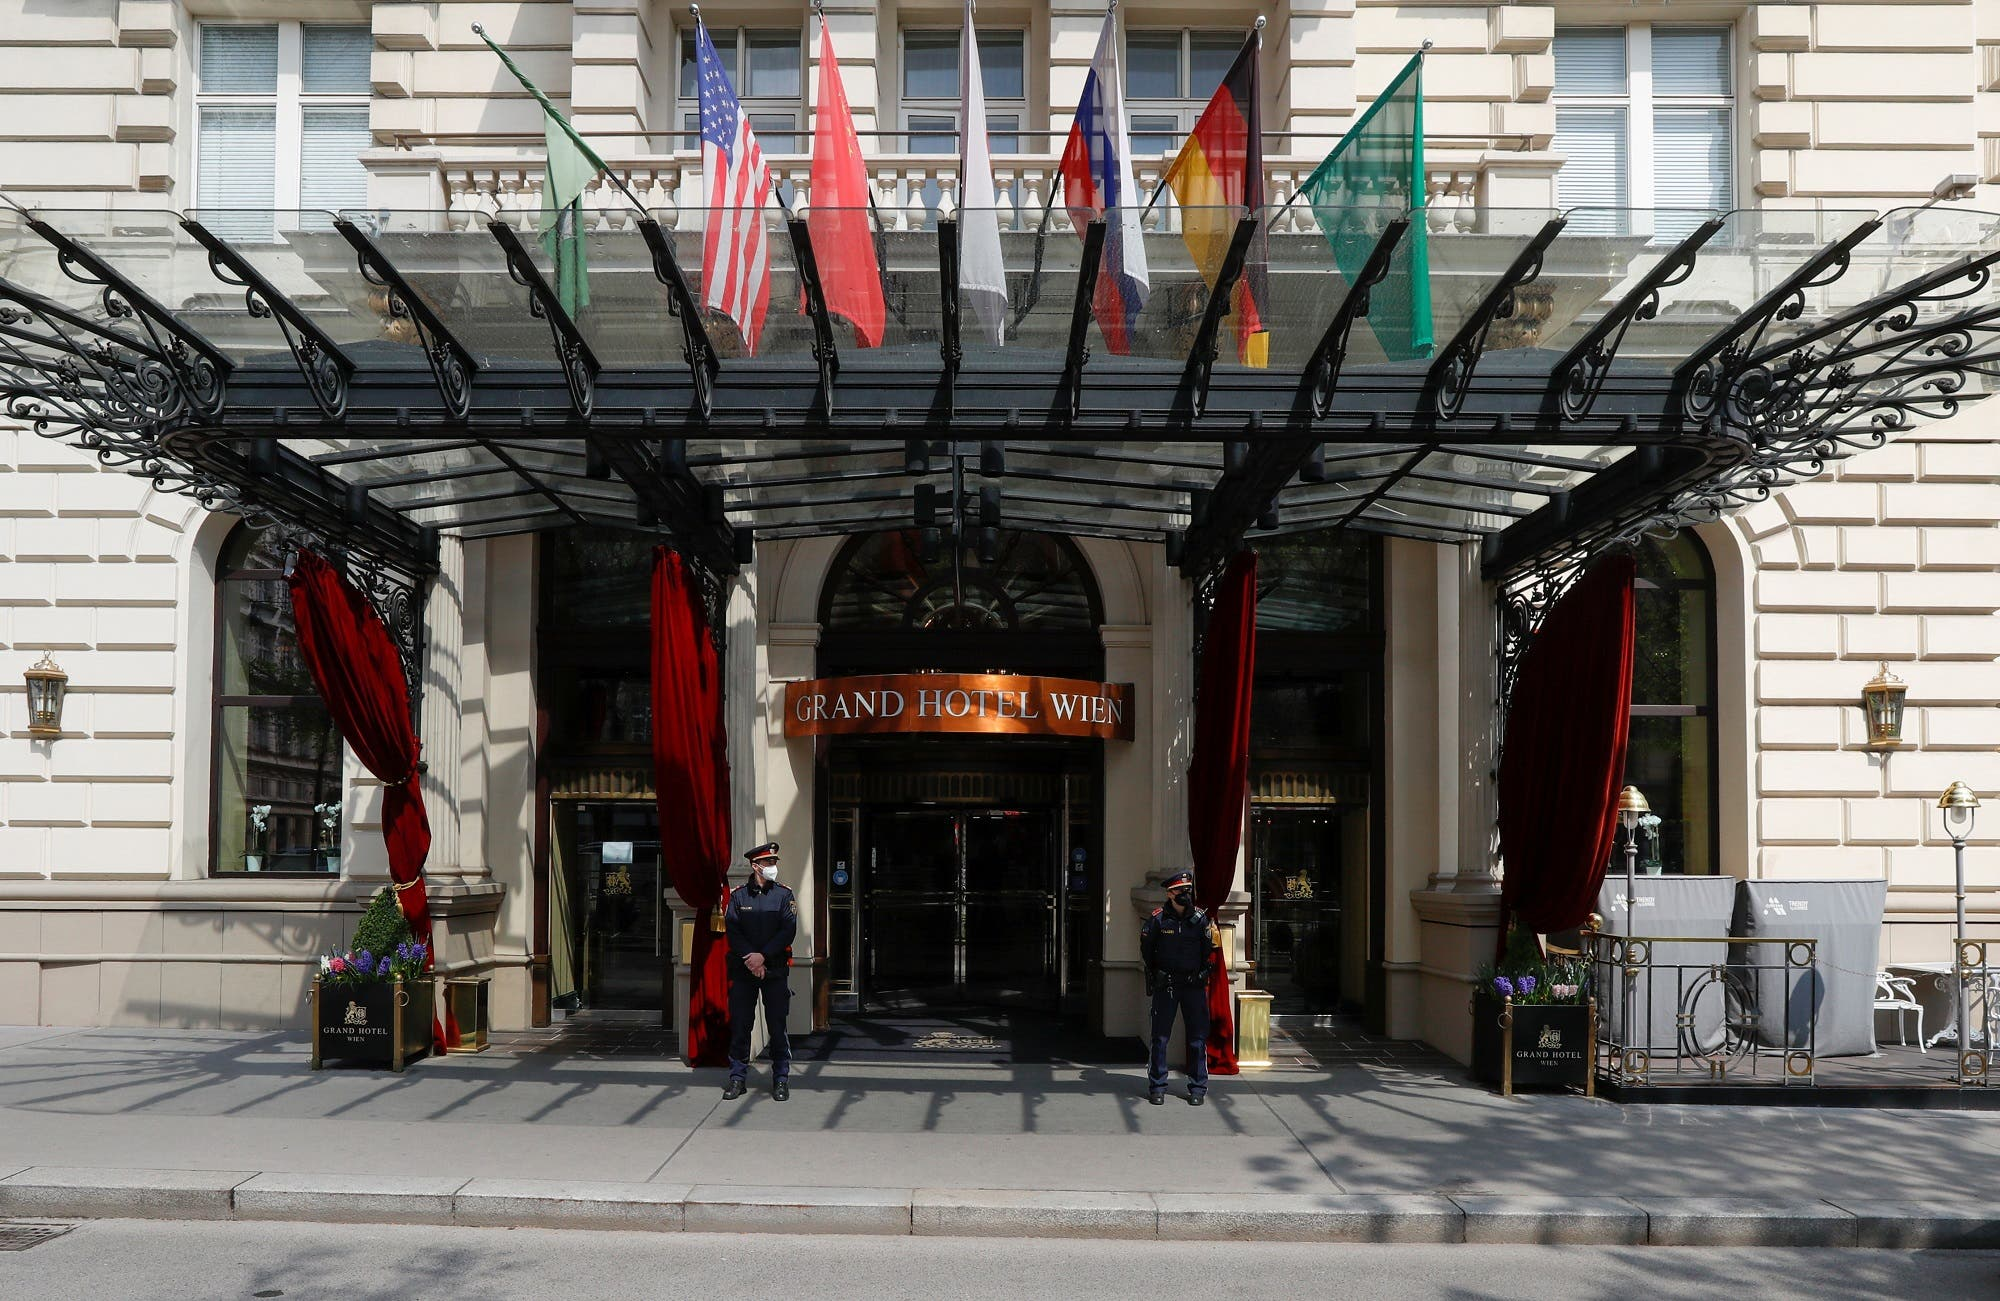 من الفندق حيث اجتمعت اللجنة المشتركة لخطة العمل المشتركة الشاملة في فيينا يوم 20 أبريل